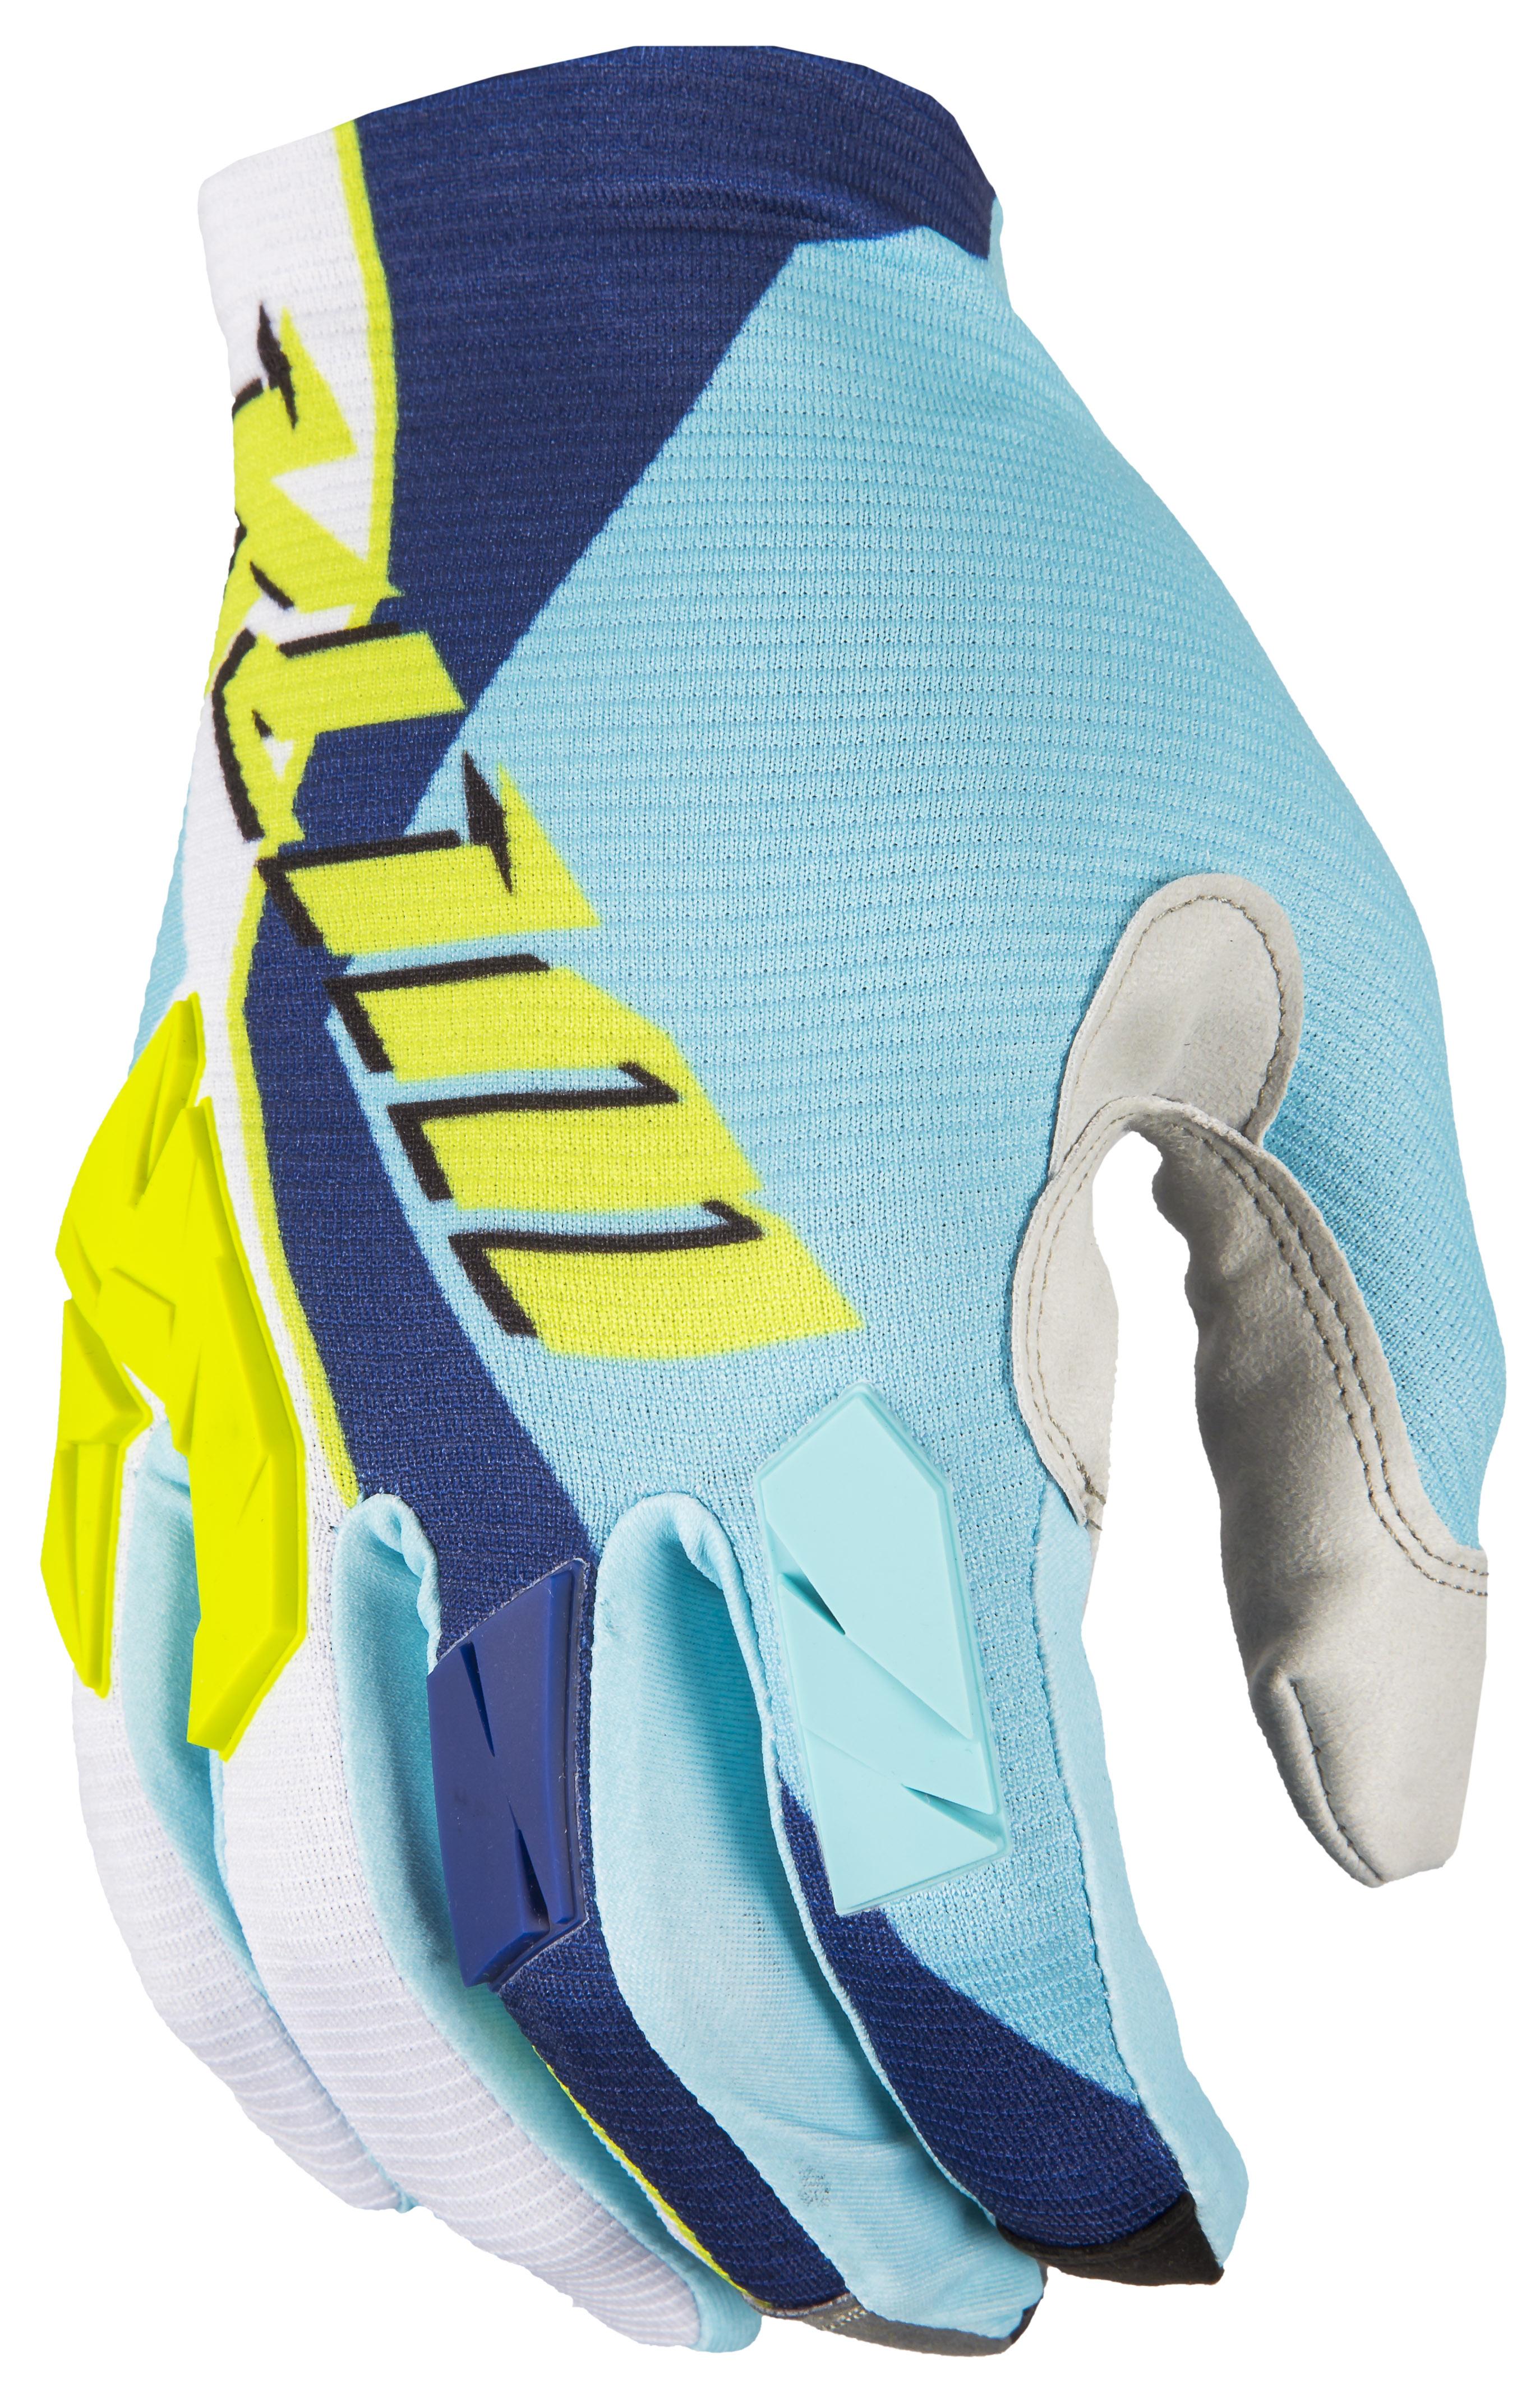 XC LITE Glove 5002-002-200